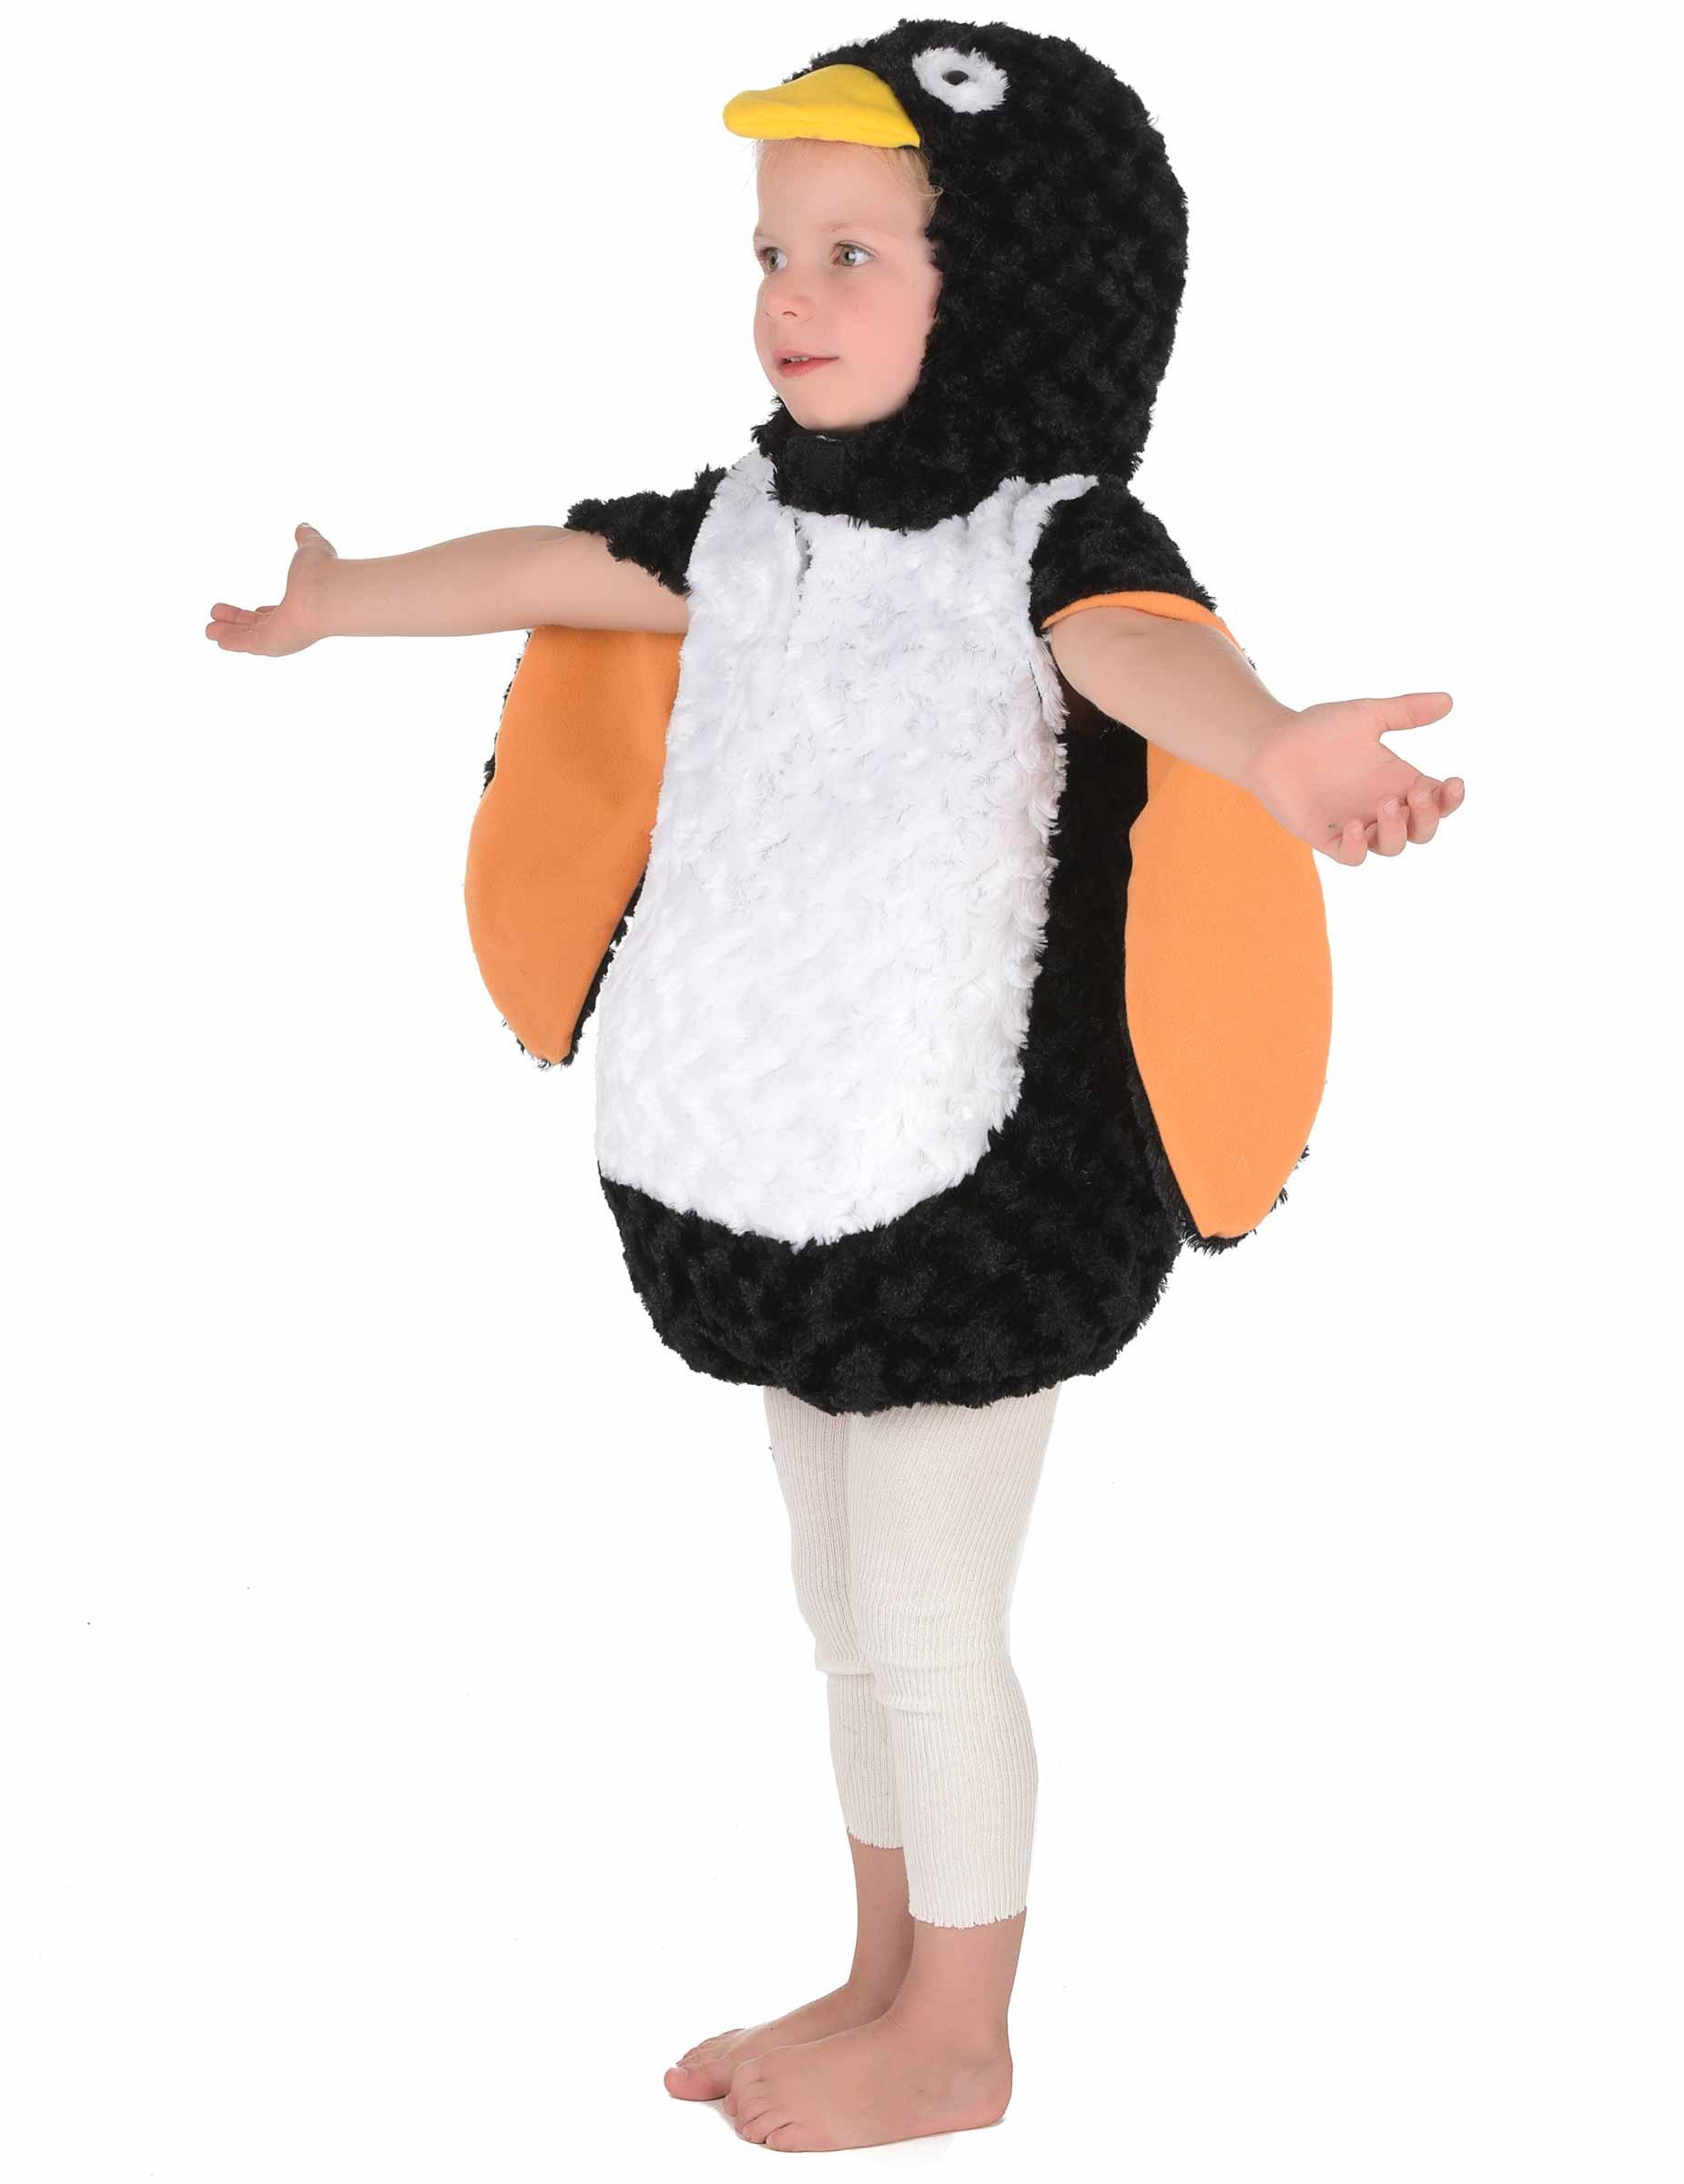 d1b40d72c1b3 Costume da Pinguino per bambino: Costumi bambini,e vestiti di ...